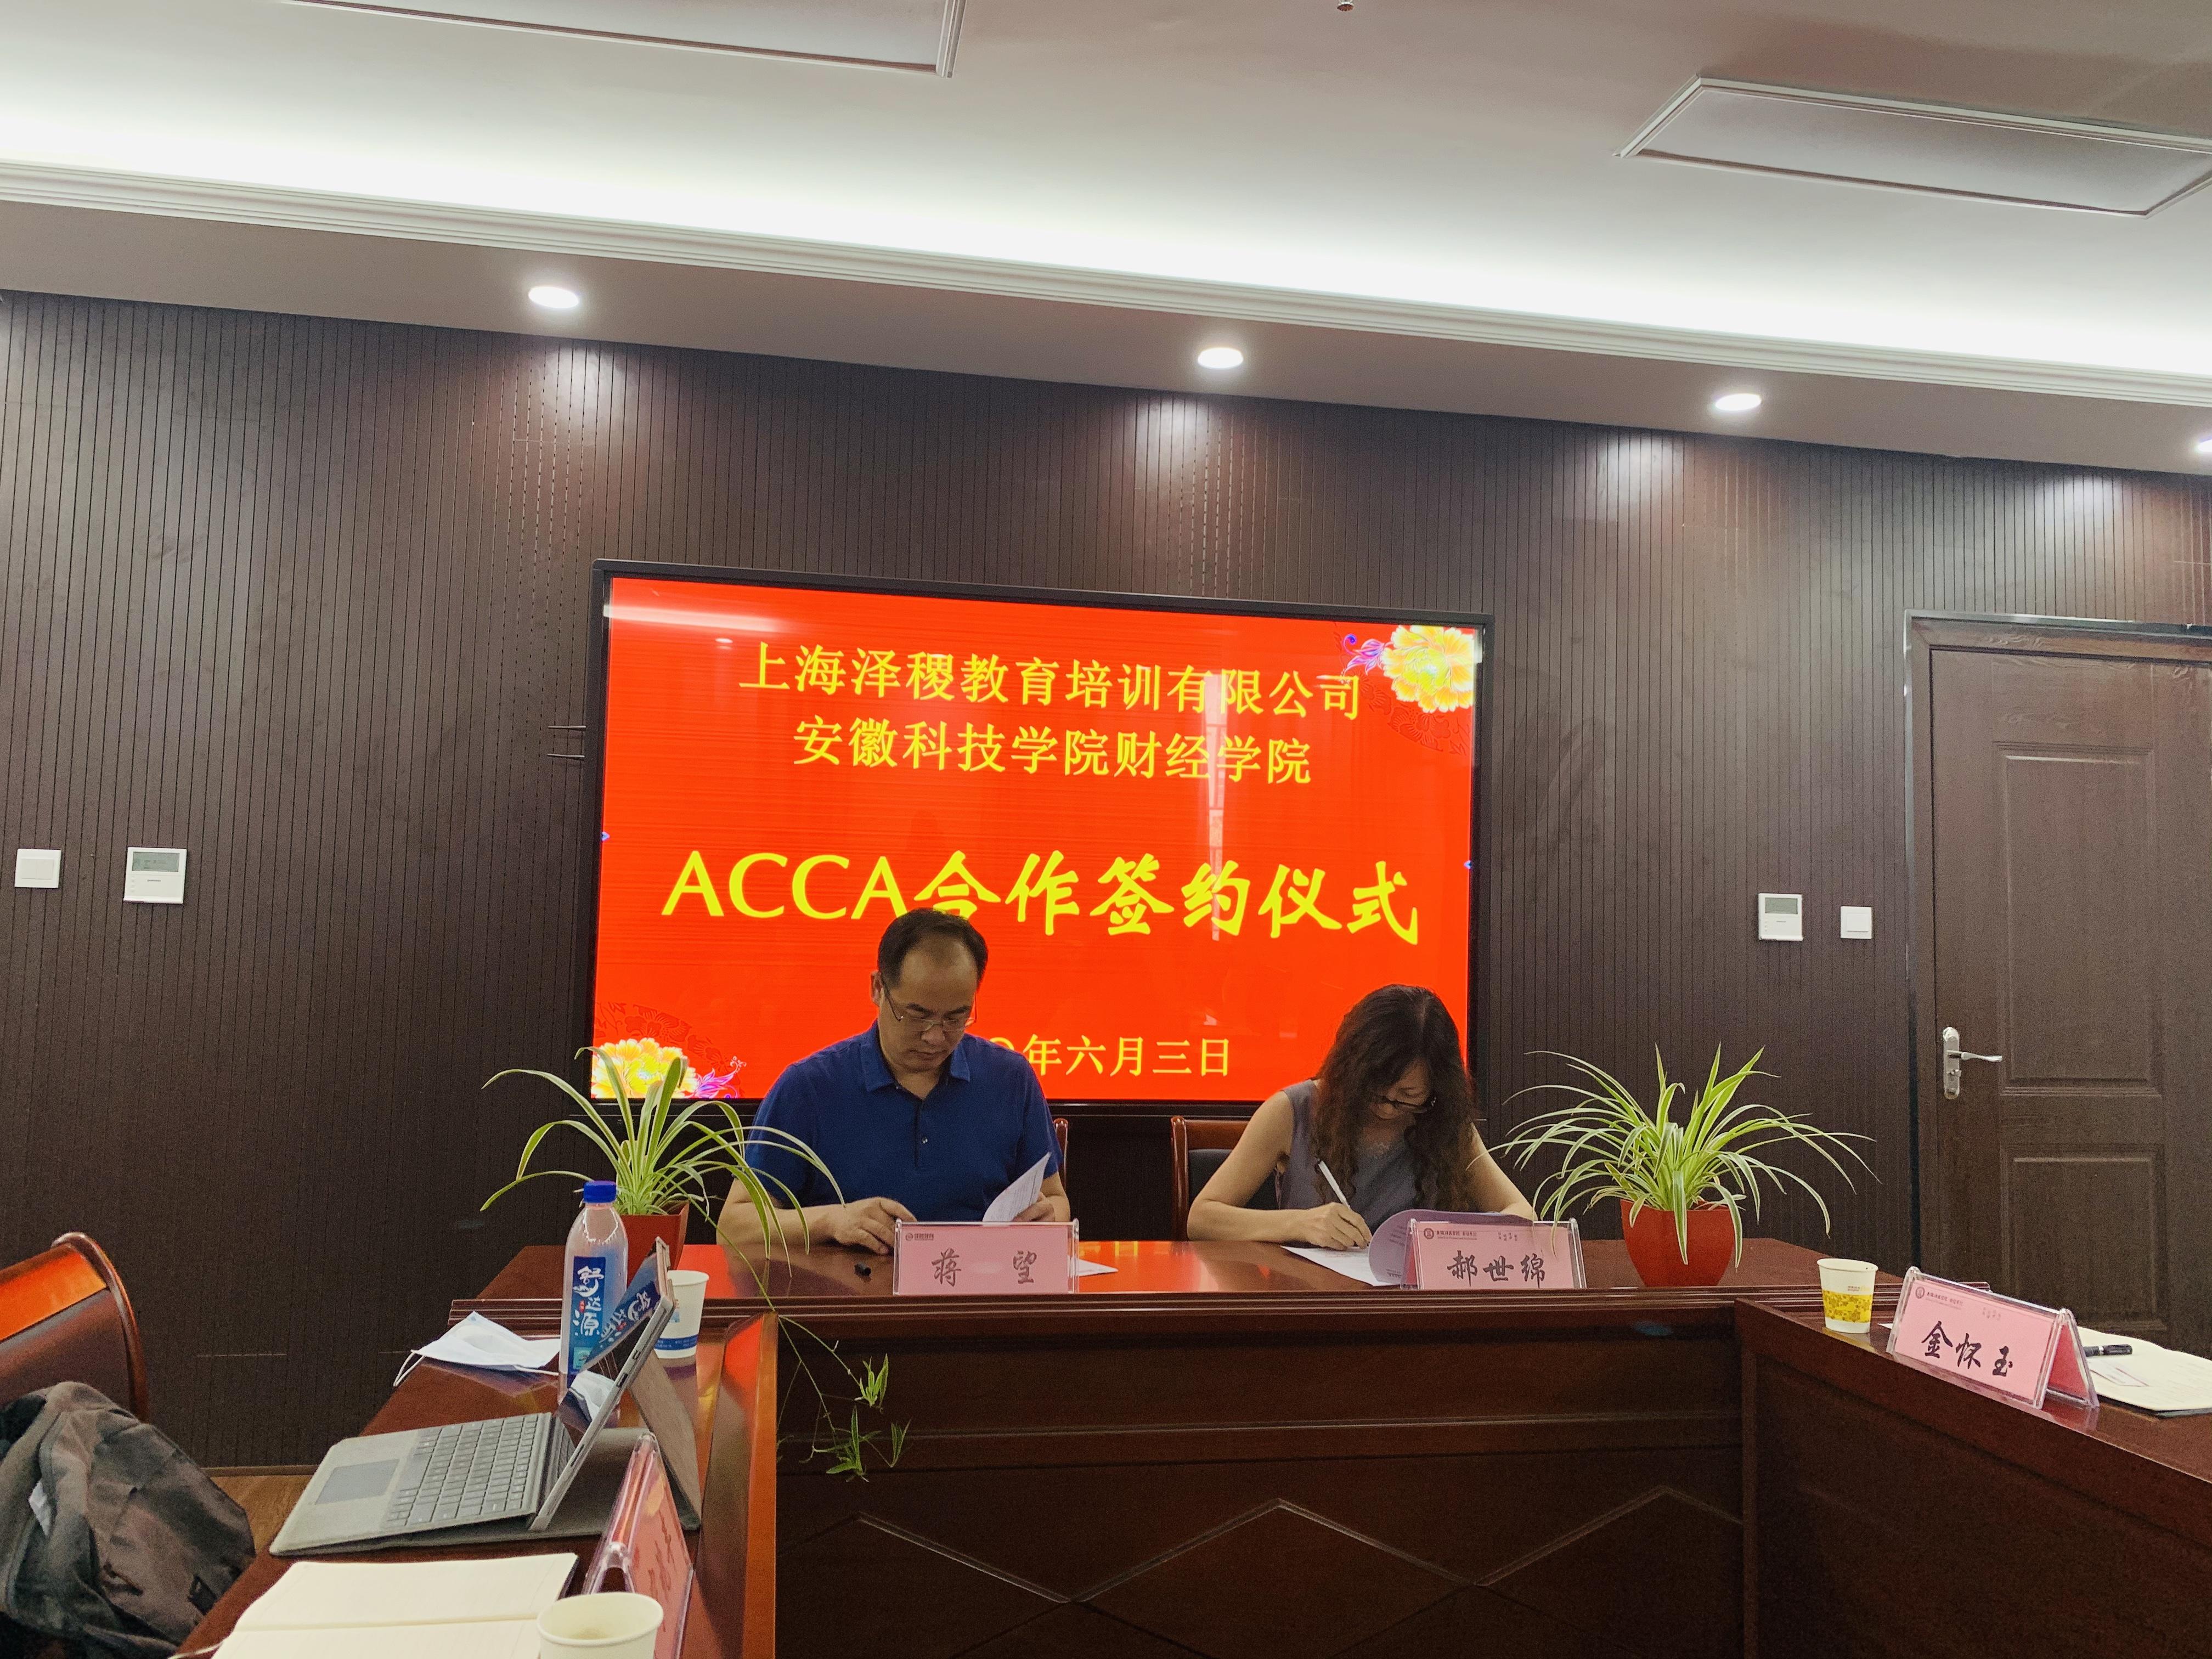 热烈祝贺安徽科技学院财经学院与泽稷教育举行ACCA项目校企合作签约仪式